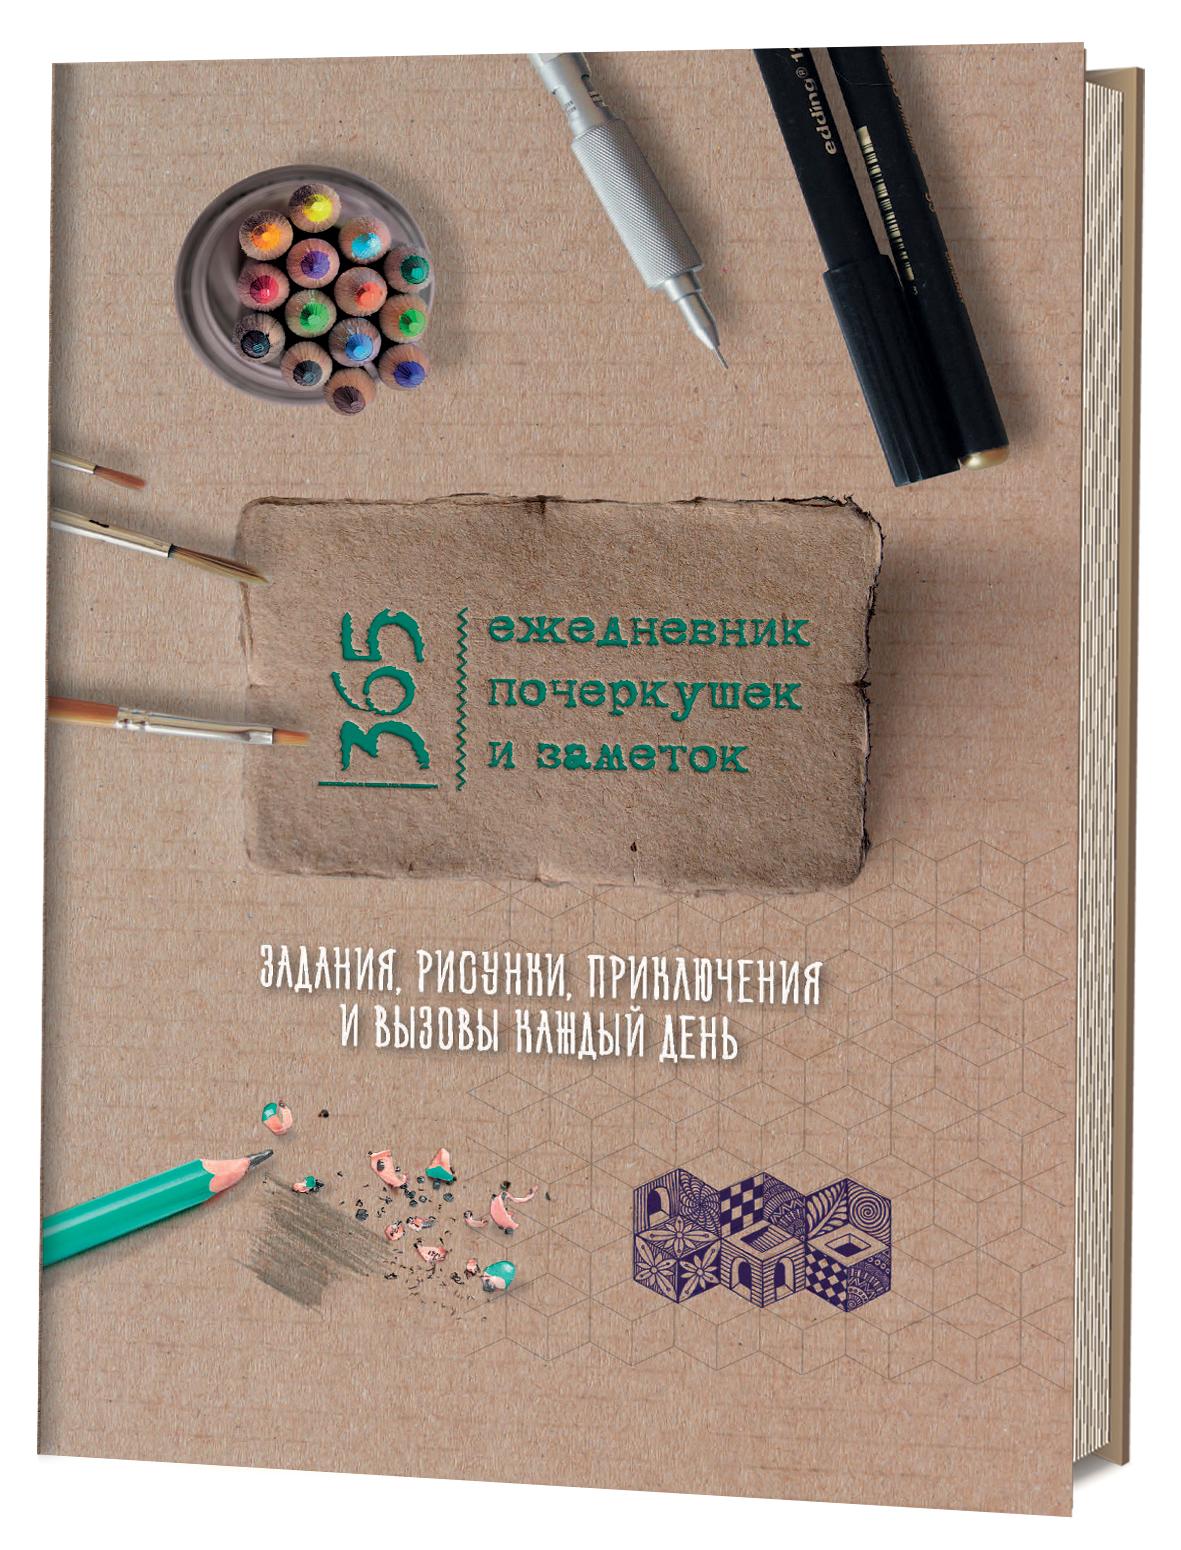 Анастасия Потапова 365. Ежедневник почеркушек и заметок. Задания, рисунки, приключения и вызовы каждый день